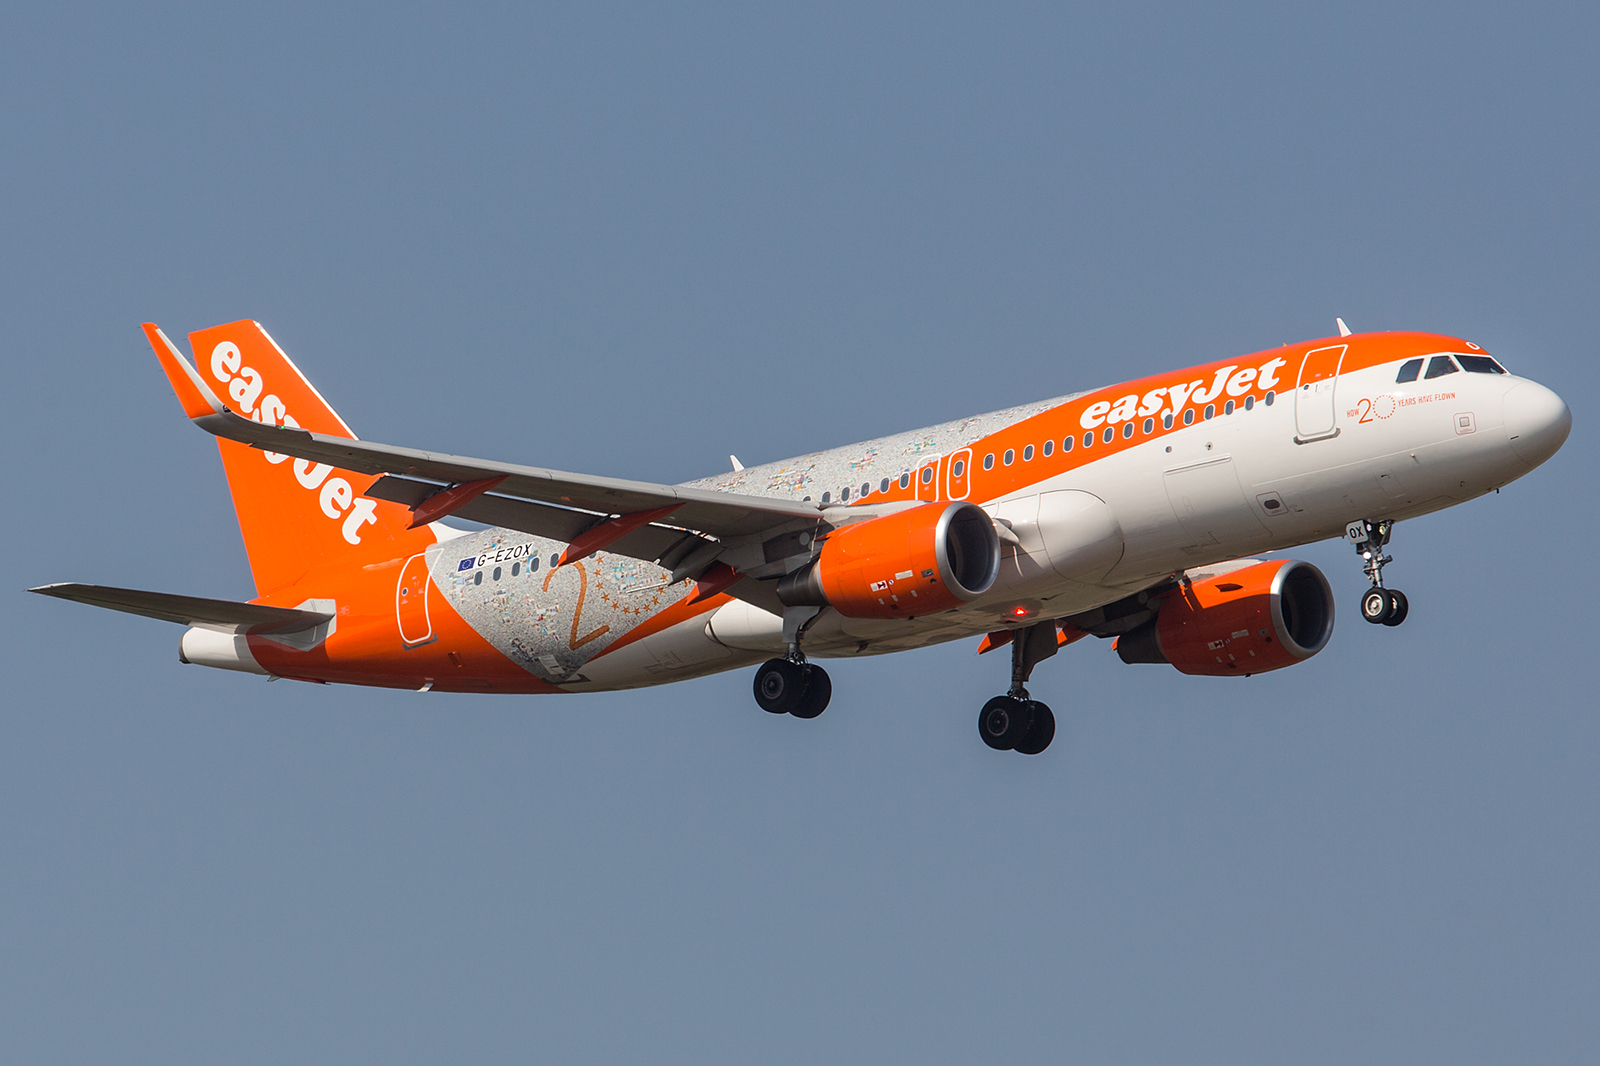 Seit nunmer 20 Jahren fliegt die Easyjet am Himmel über Europa. Einst startete sie mit gebrauchten Boeing 737 von Gatwick aus, heute ist es eine reine Airbusflotte.